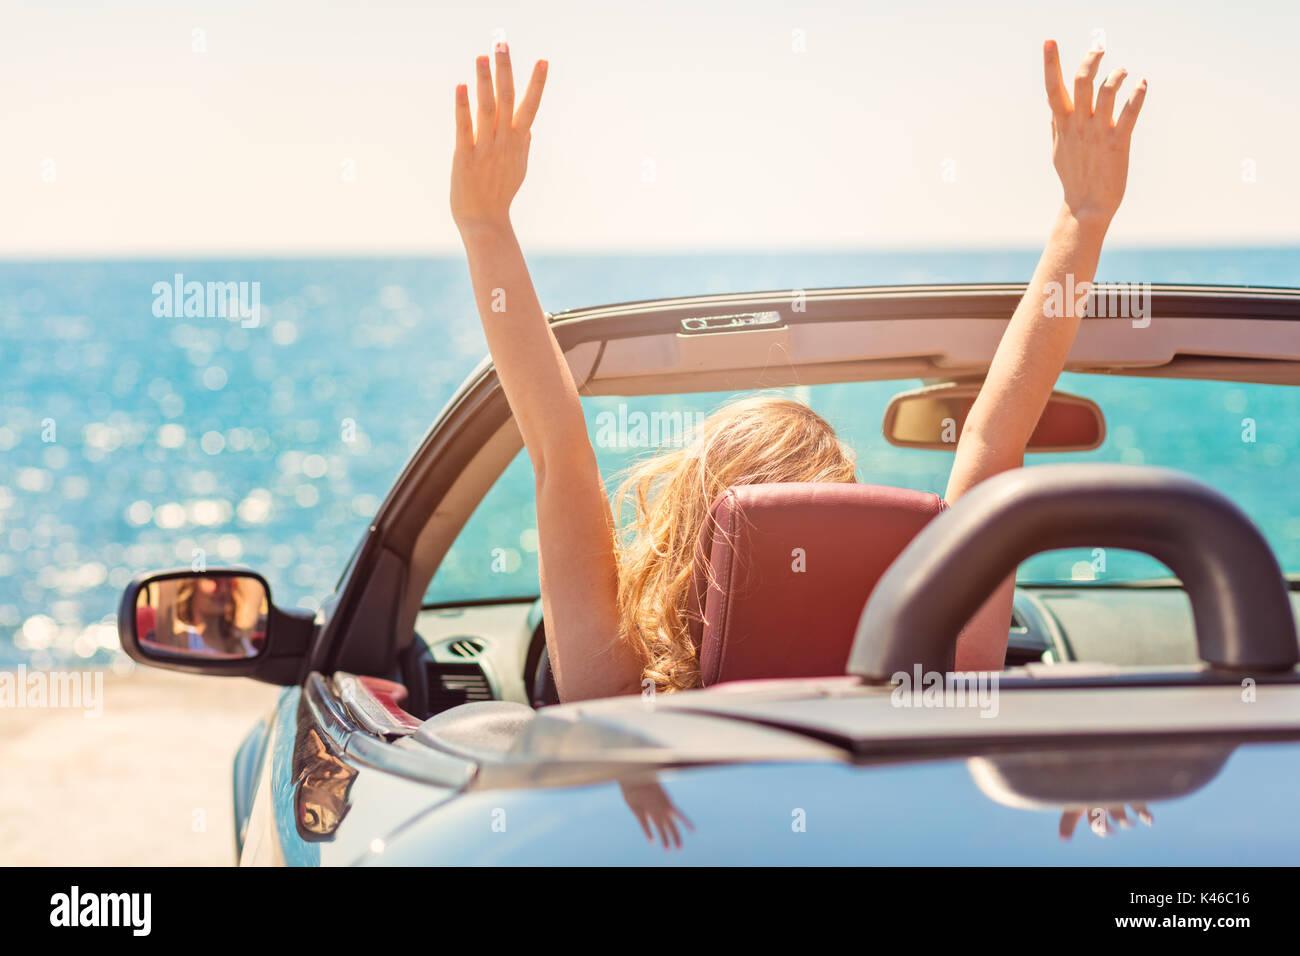 Glücklich und sorgenfrei Frau im Auto am Strand Stockbild